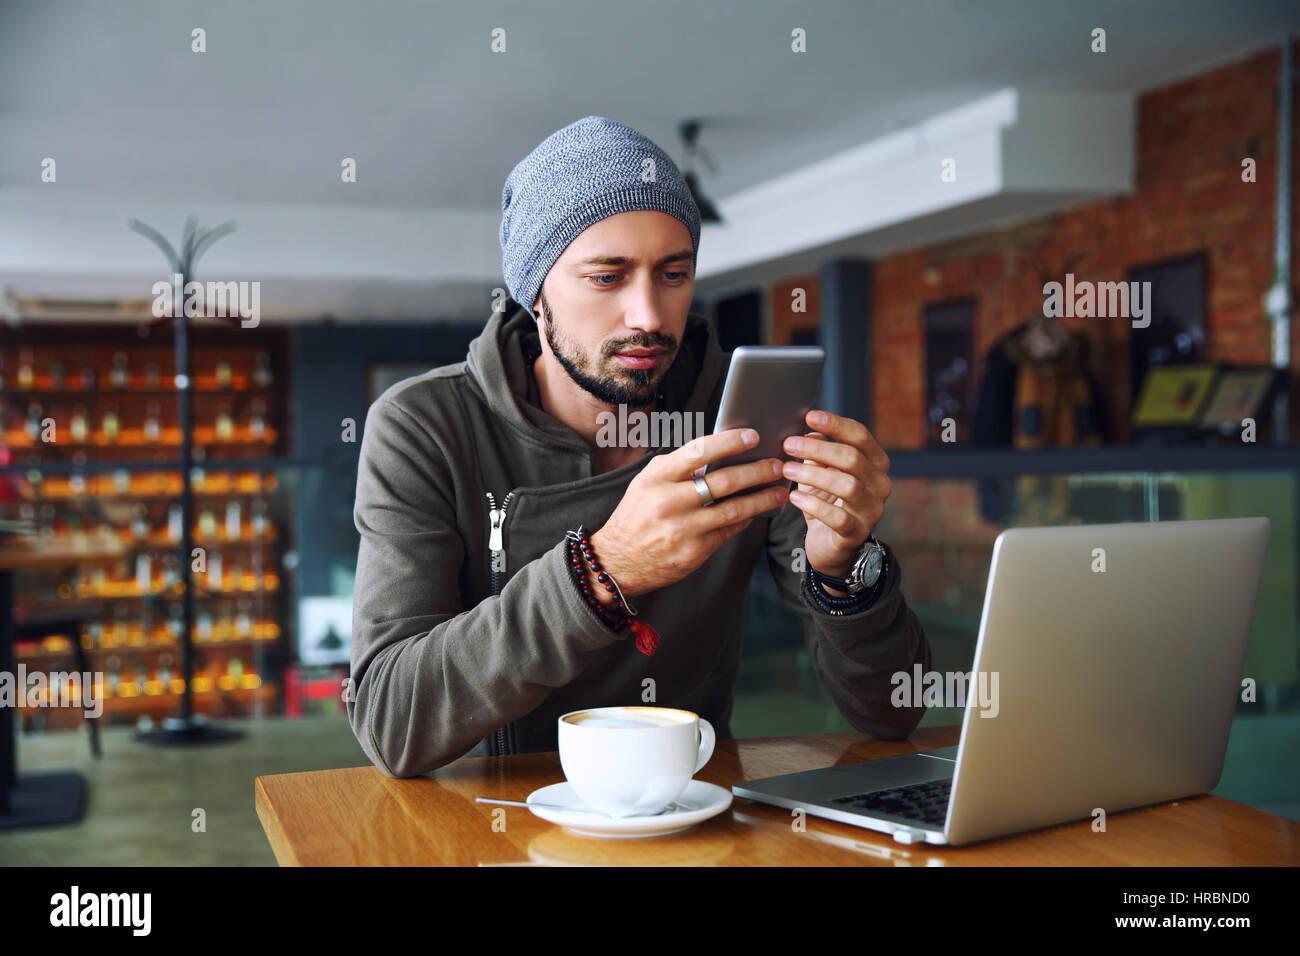 Alegre hipster guy en el restaurante utilizando un teléfono móvil. Imagen De Stock